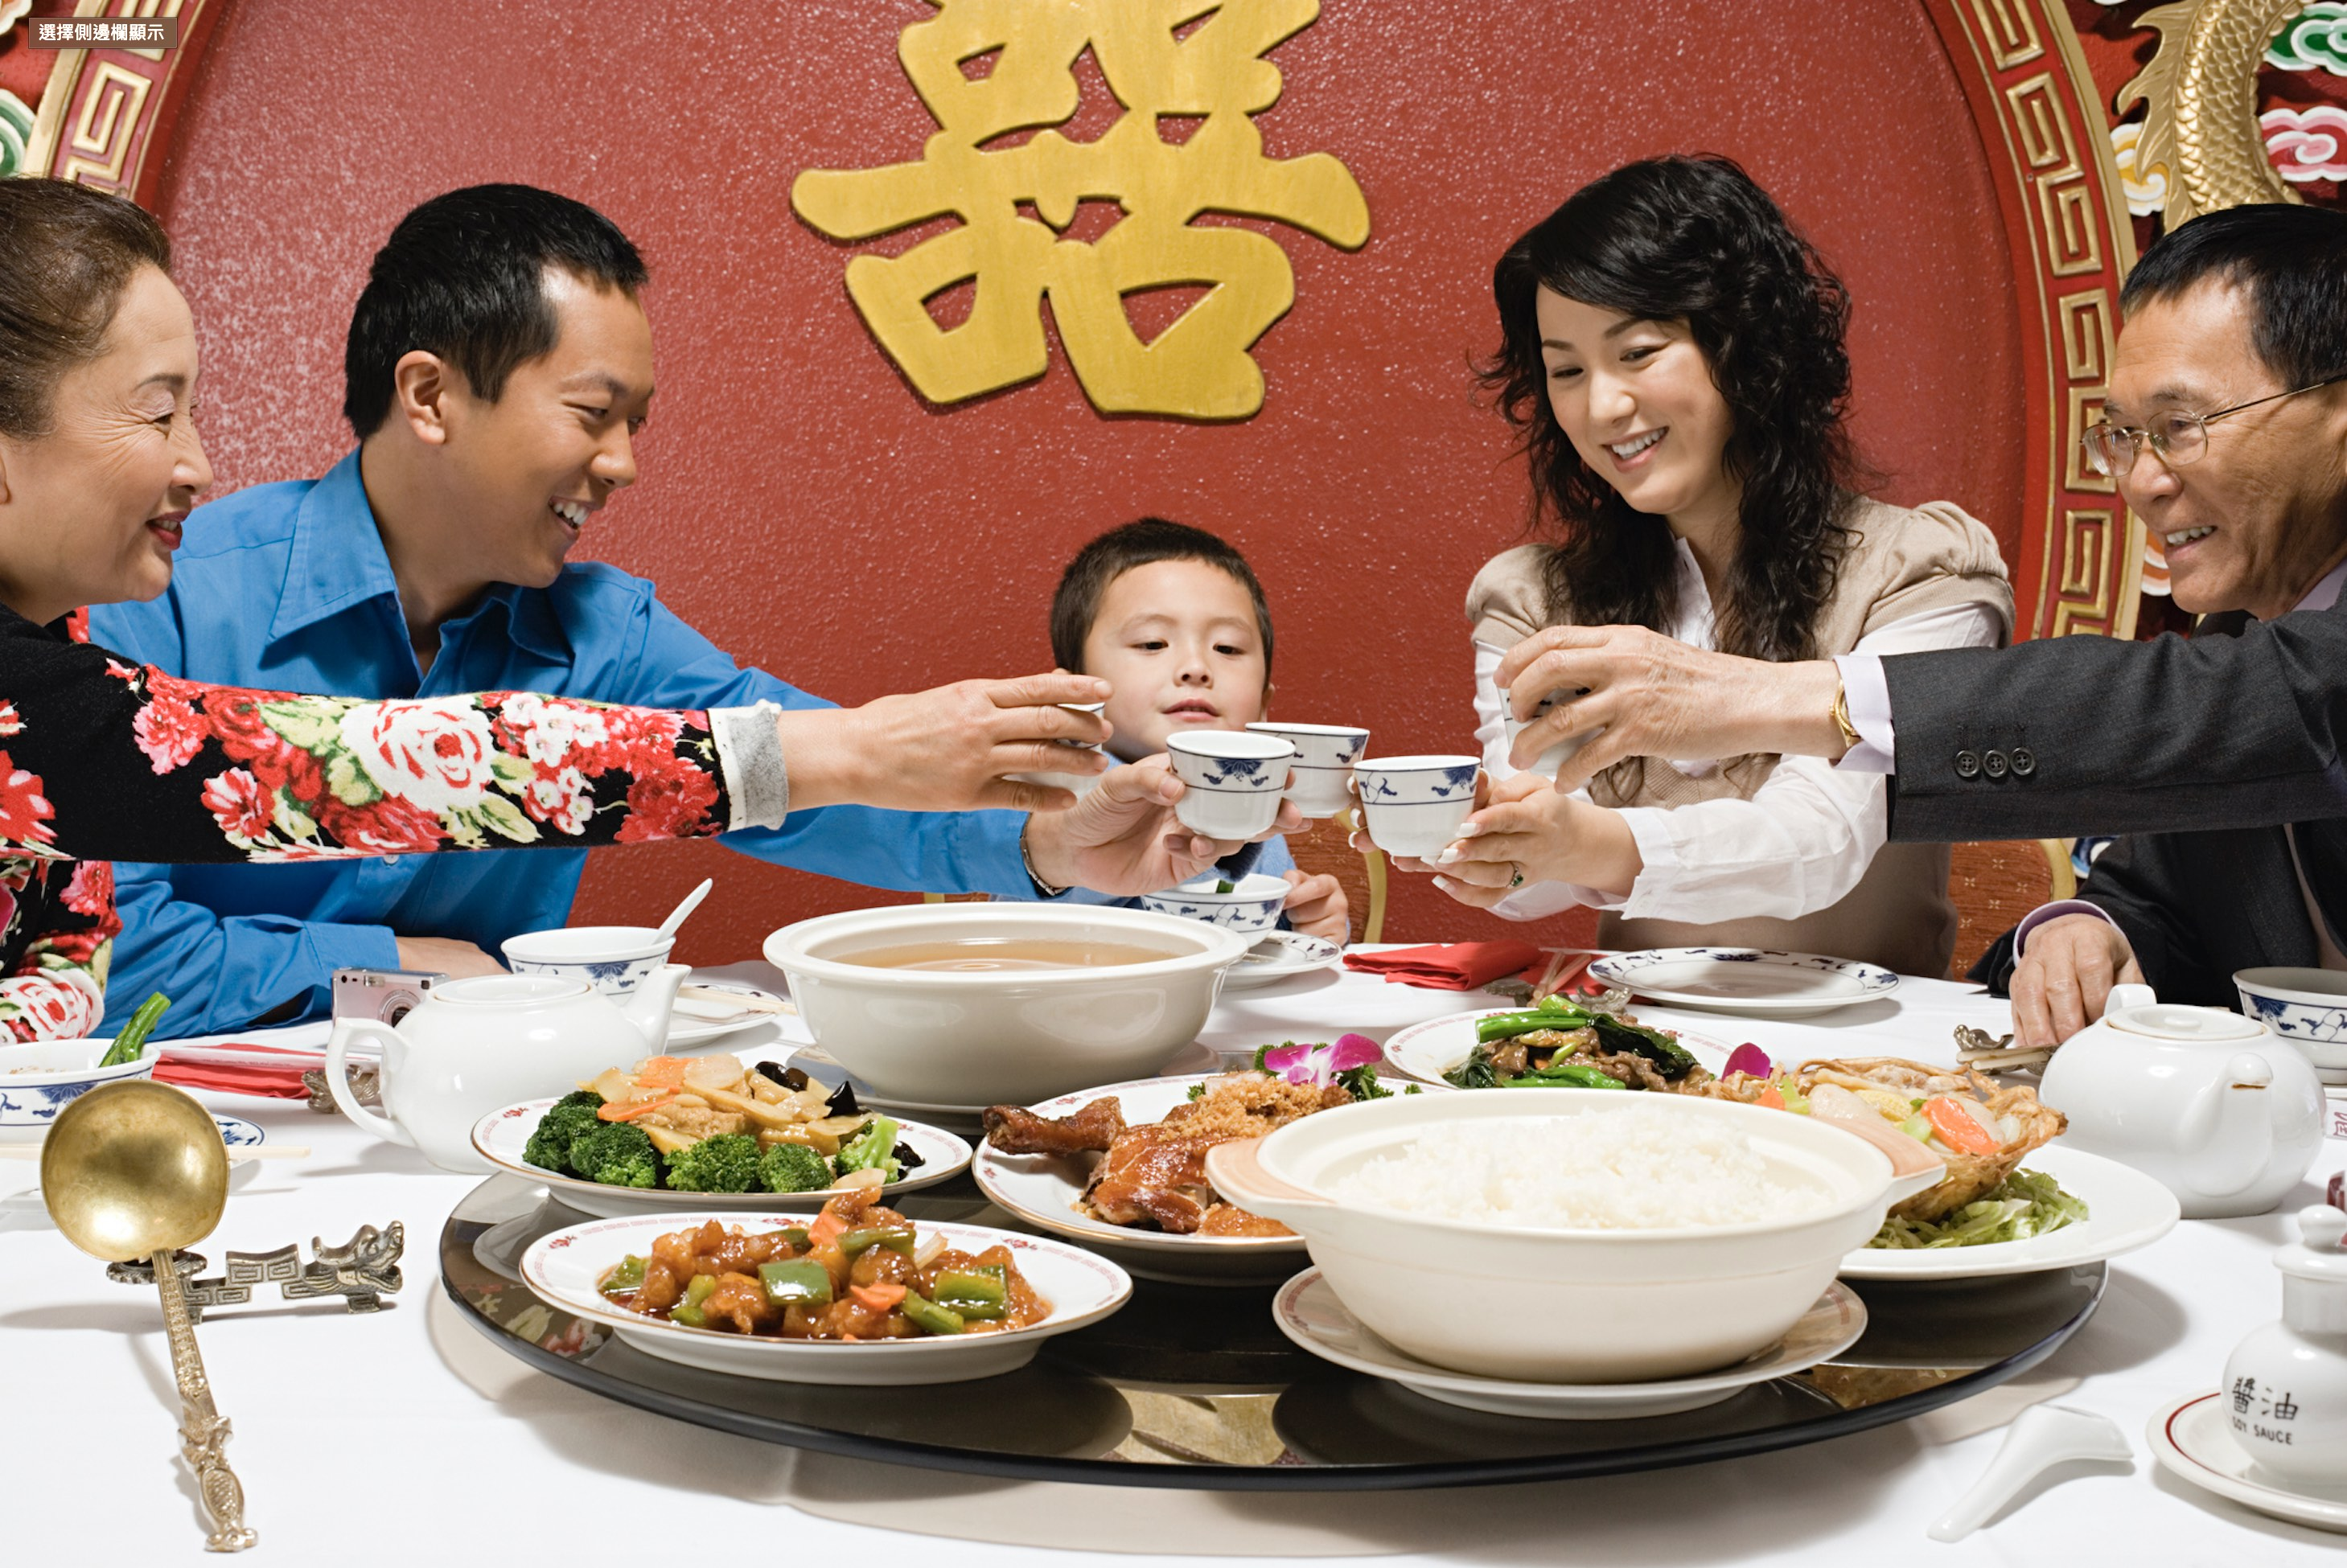 想像得到嗎,20 世紀以前華人餐桌上並沒有這種大轉盤,它的誕生其實是因為肺結核的防治。圖片來源│iStock